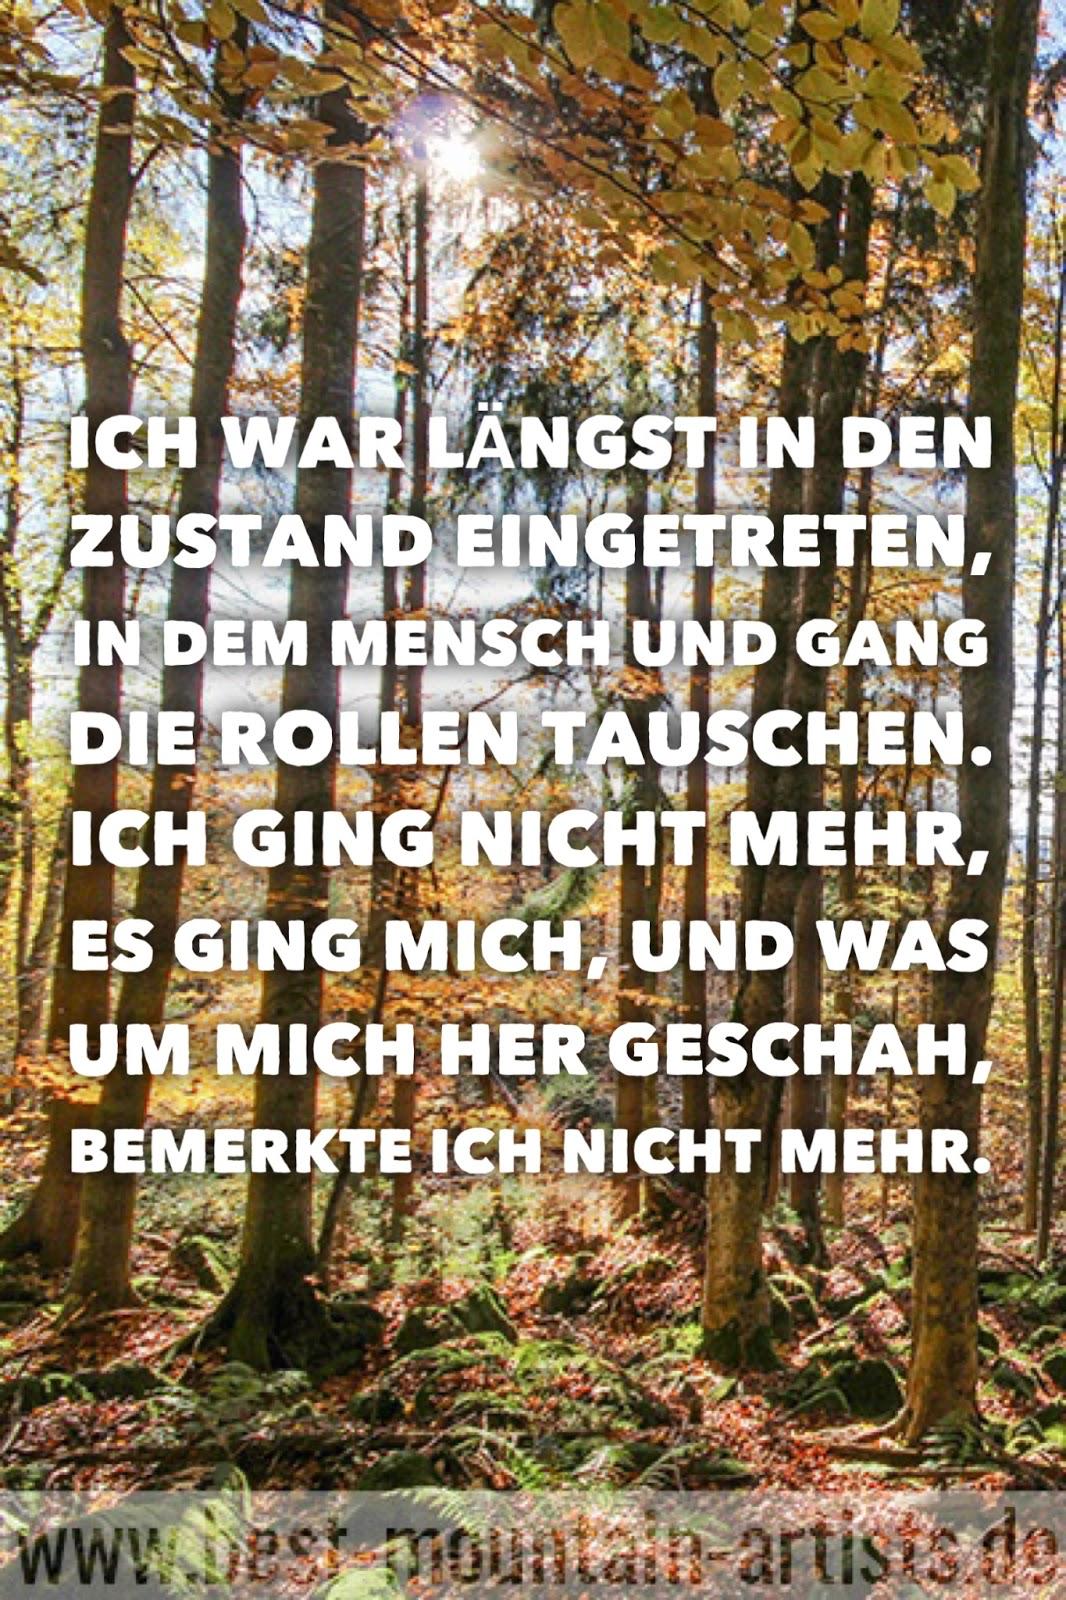 """""""Ich war längst in den Zustand eingetreten, in dem Mensch und Gang die Rollen tauschen. Ich ging nicht mehr, es ging mich, und was um mich her geschah, bemerkte ich nicht mehr."""", Wolfgang Büscher"""